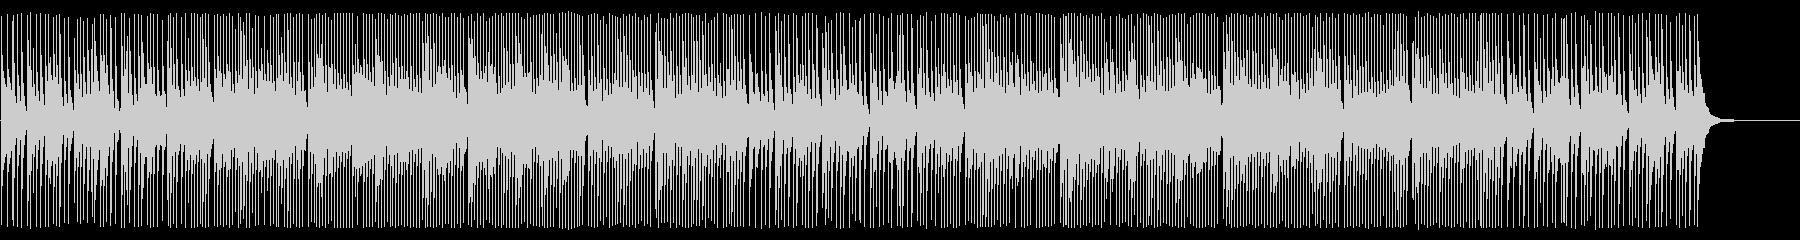 三味線ソロのアップテンポでクールなシーンの未再生の波形